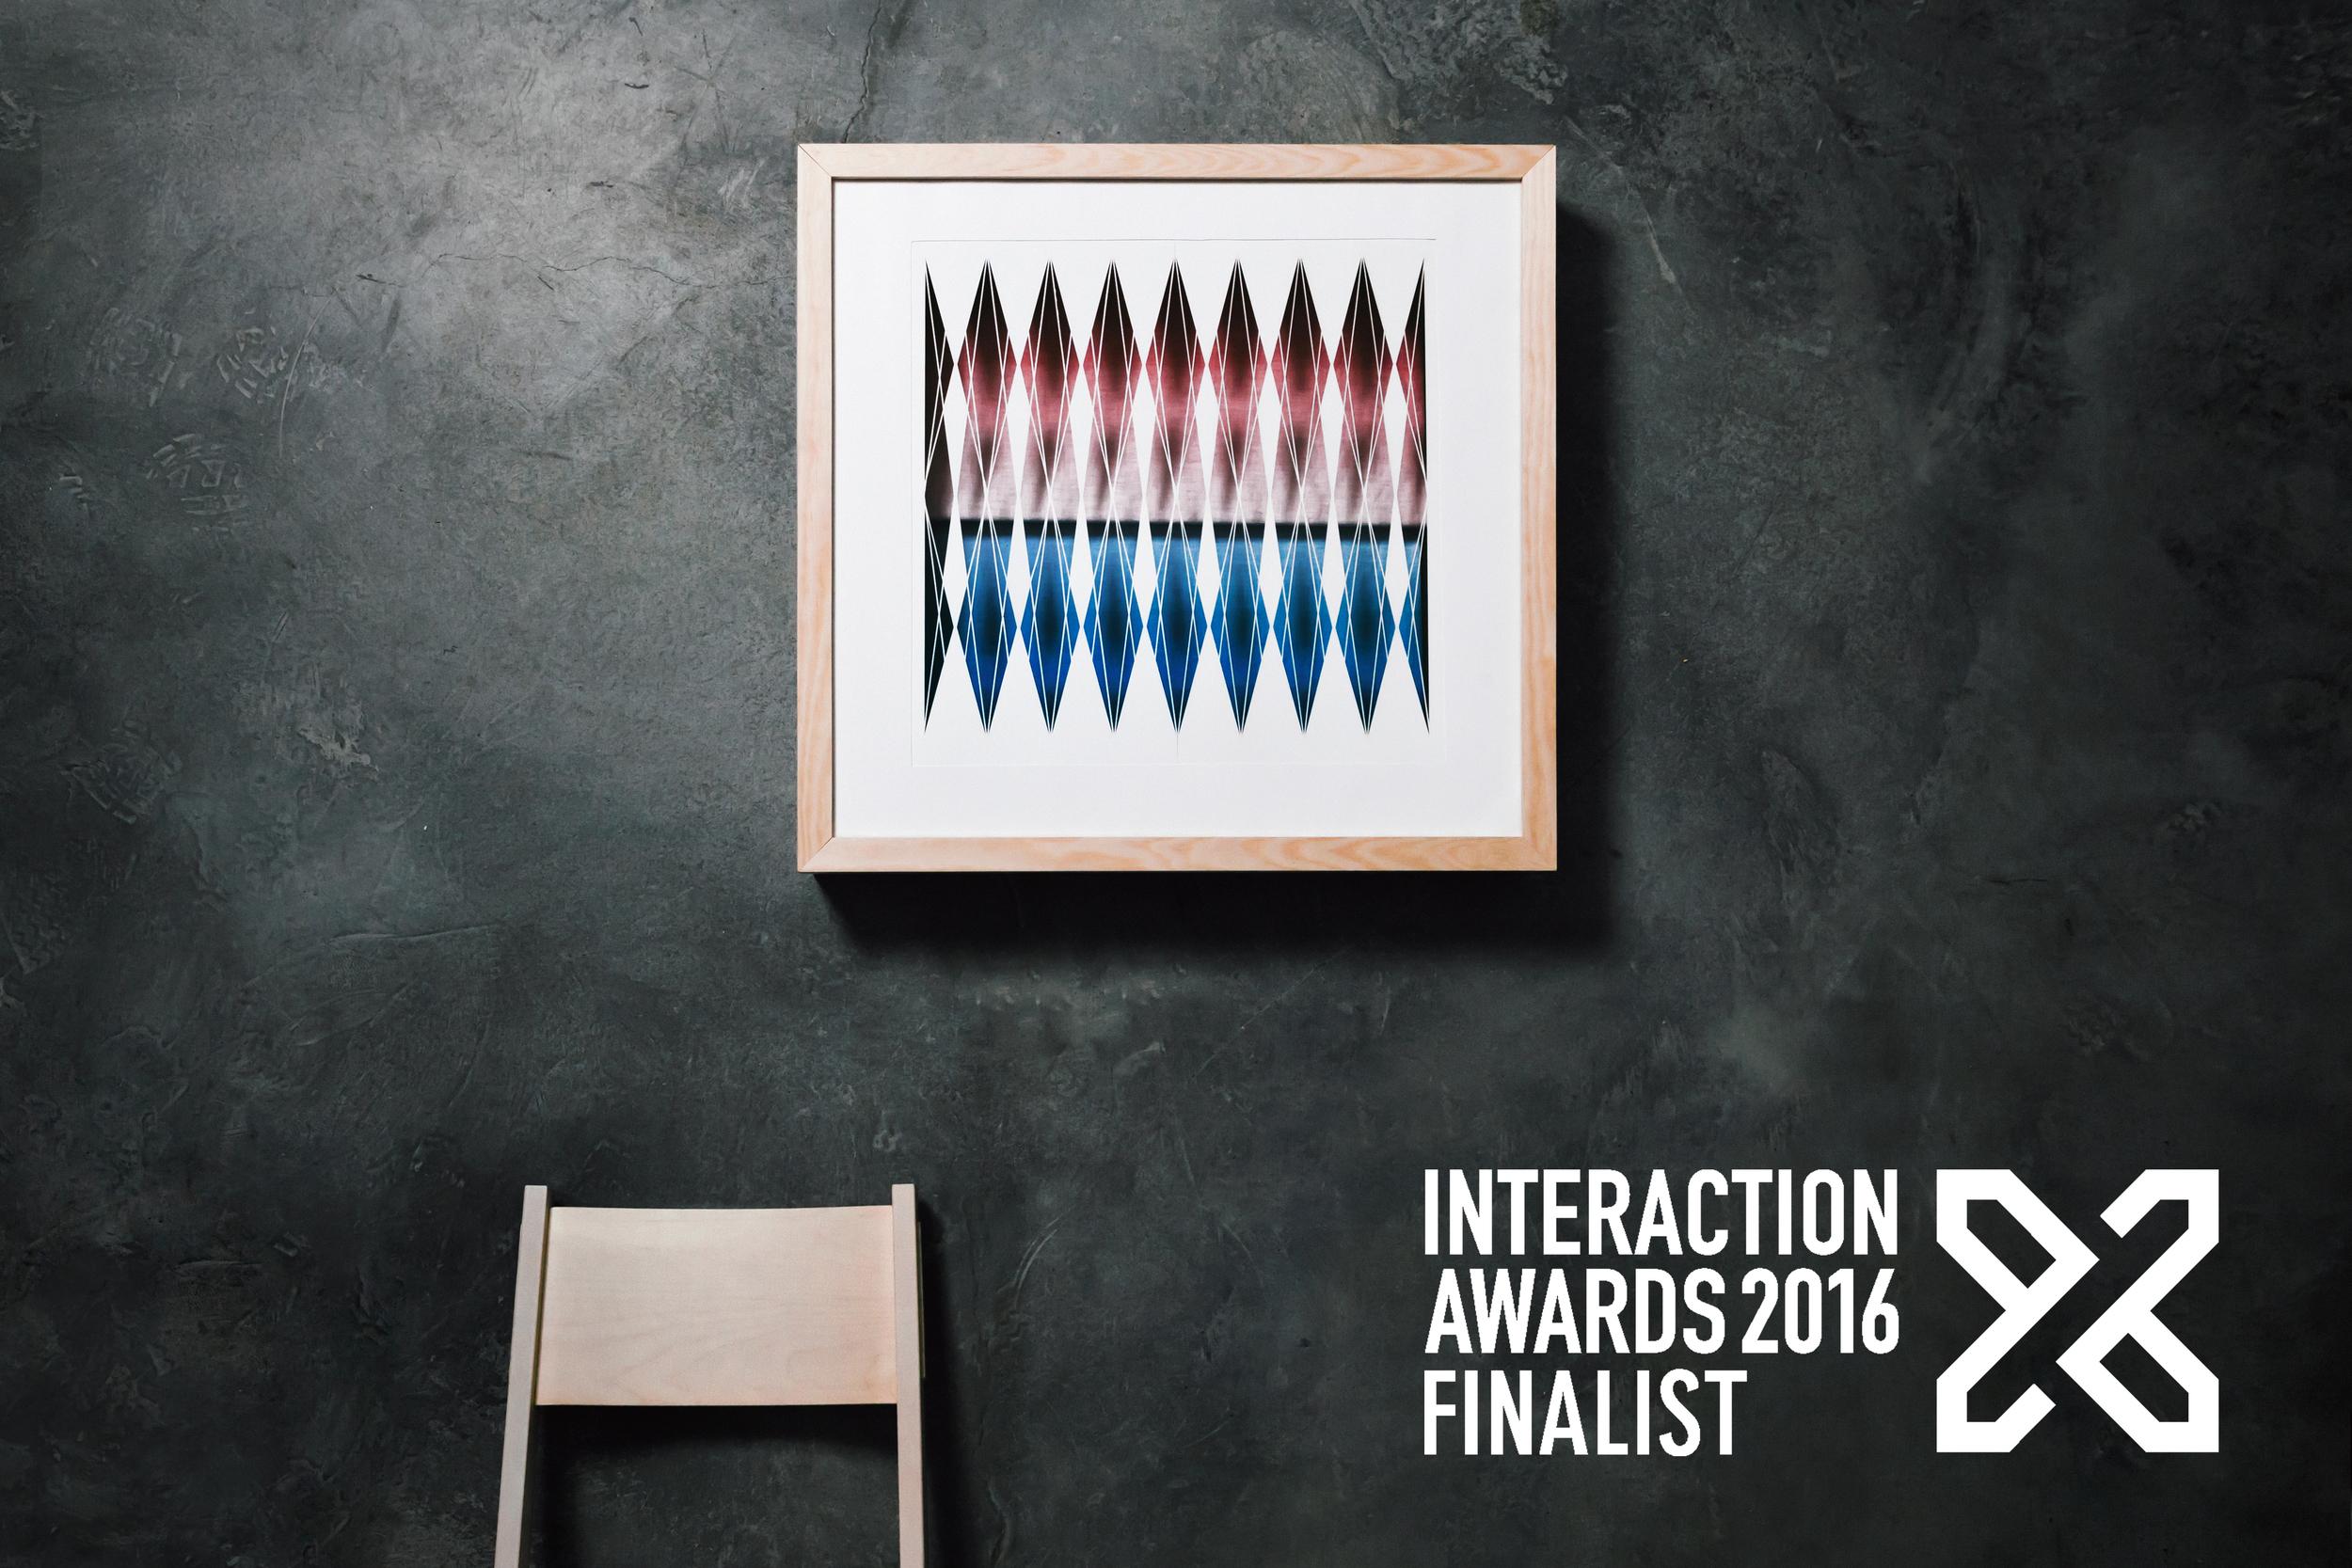 Smart_finalist.jpg